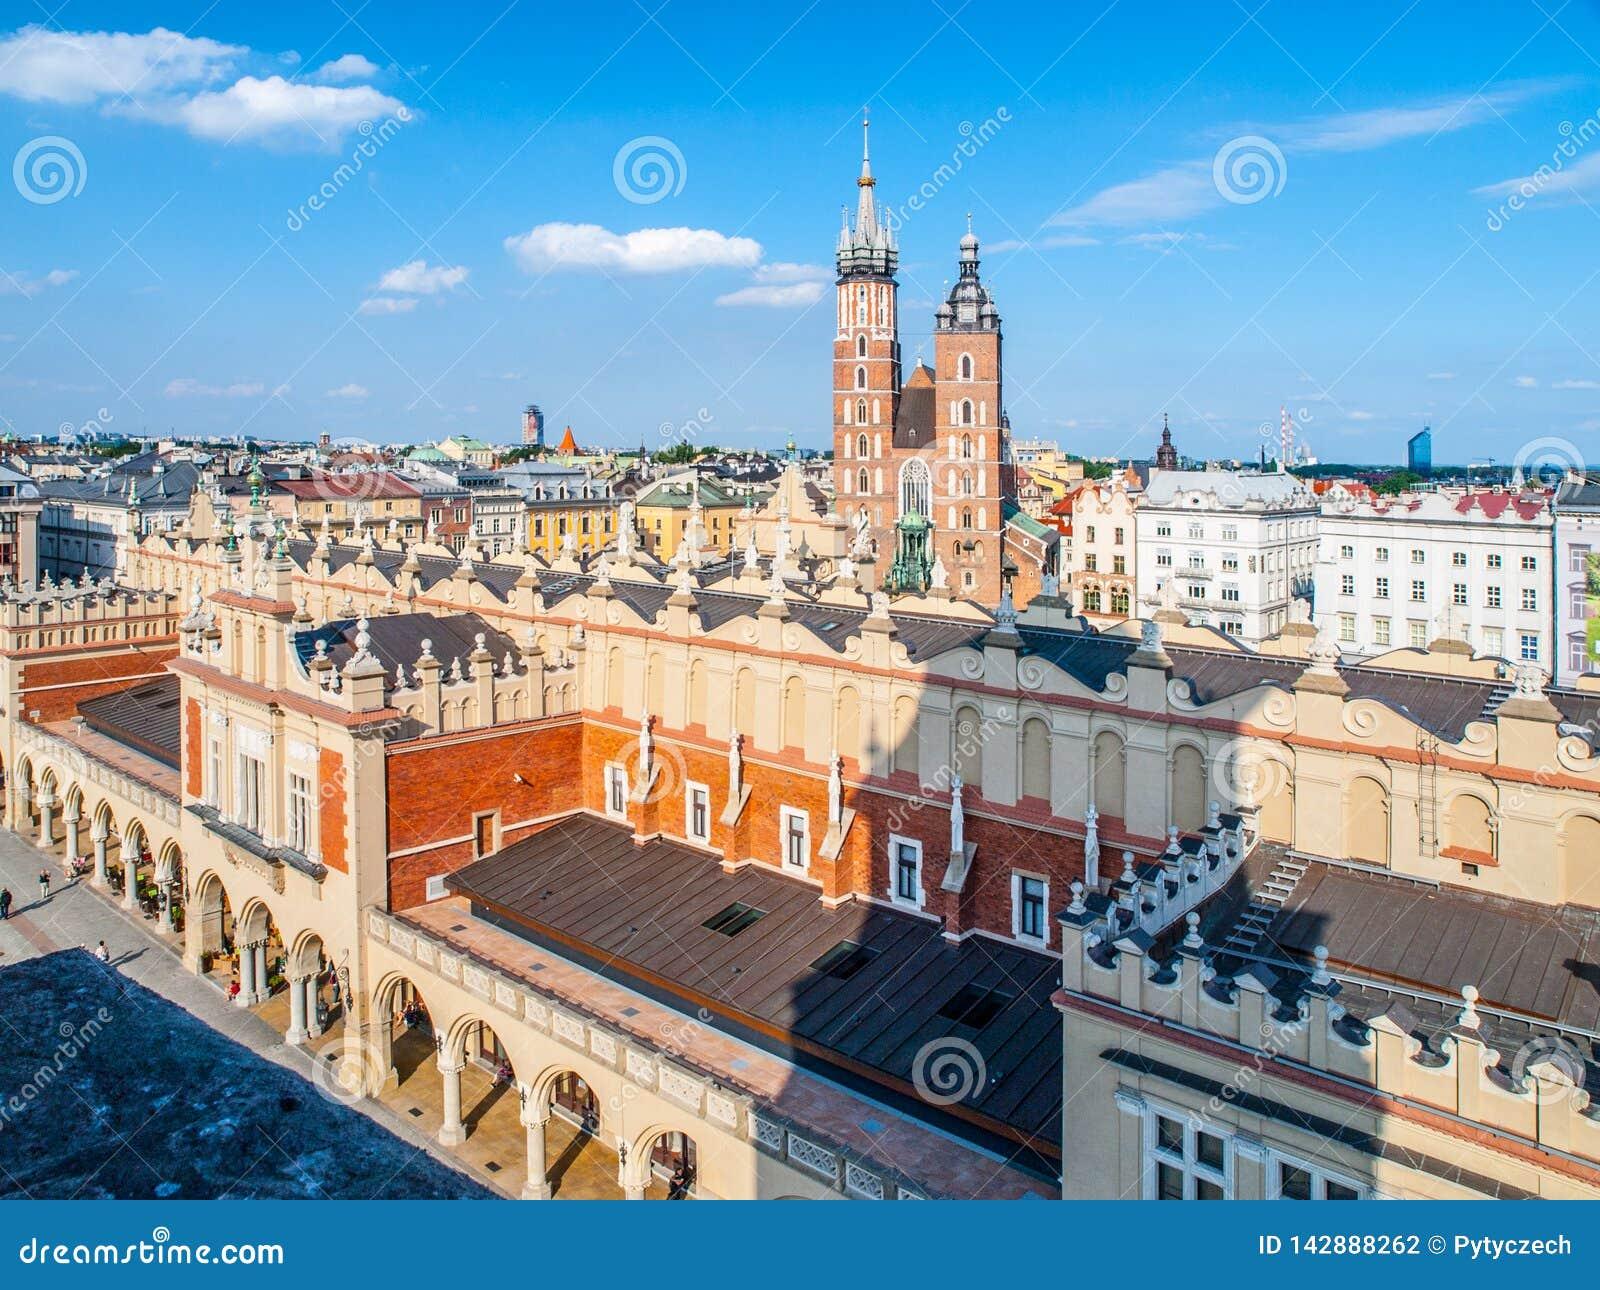 Ιστορικό κέντρο της Κρακοβίας γύρω από το κύρια τετράγωνο και Sukiennice αγοράς, ή αίθουσα υφασμάτων, Κρακοβία, Πολωνία